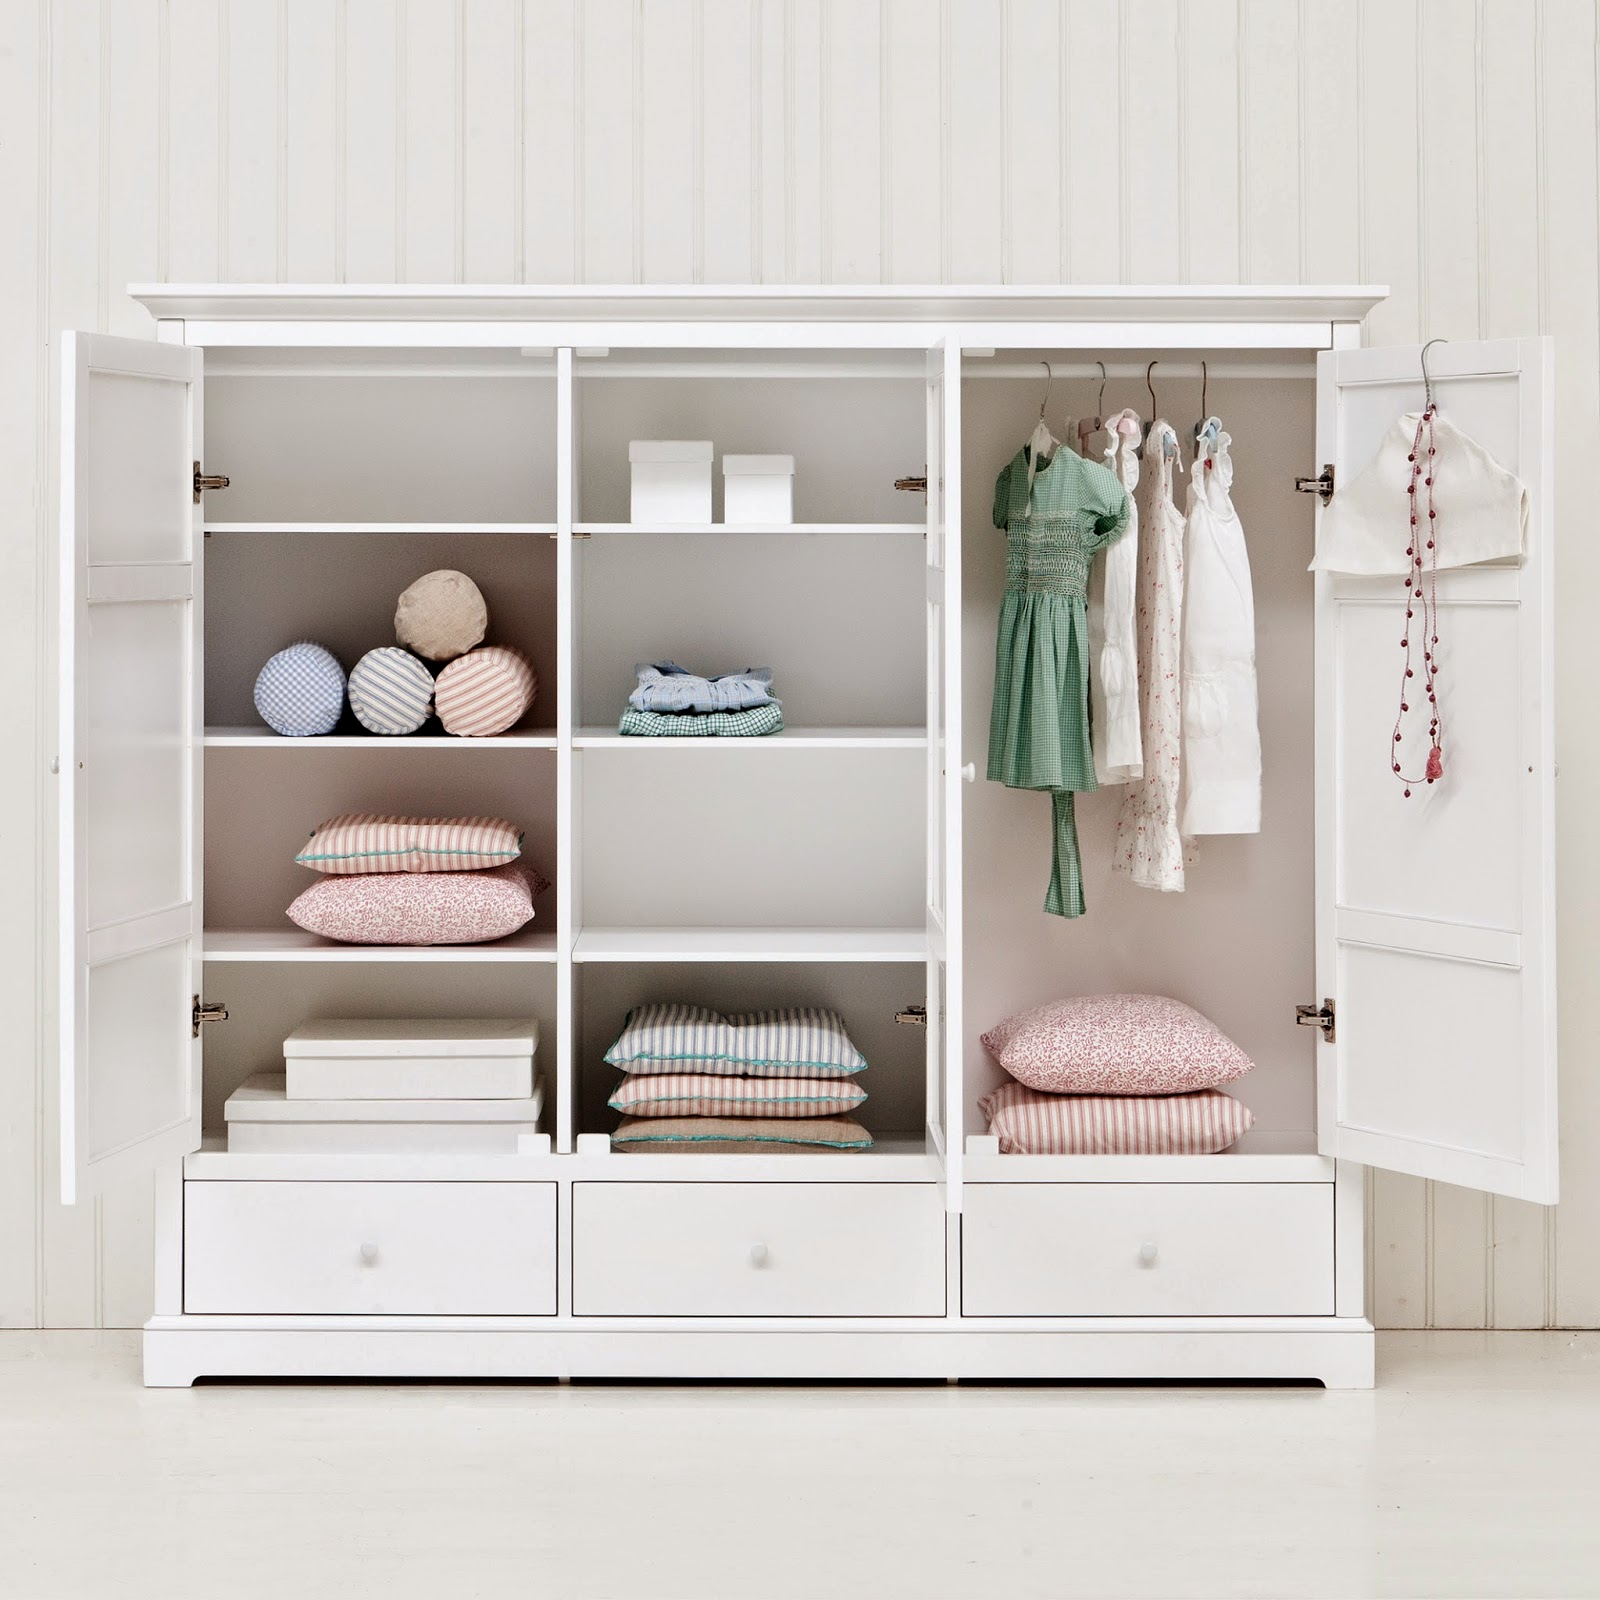 Kinderbett - liebevolle Kindermöbel by shogazi ® in München: NEU ...